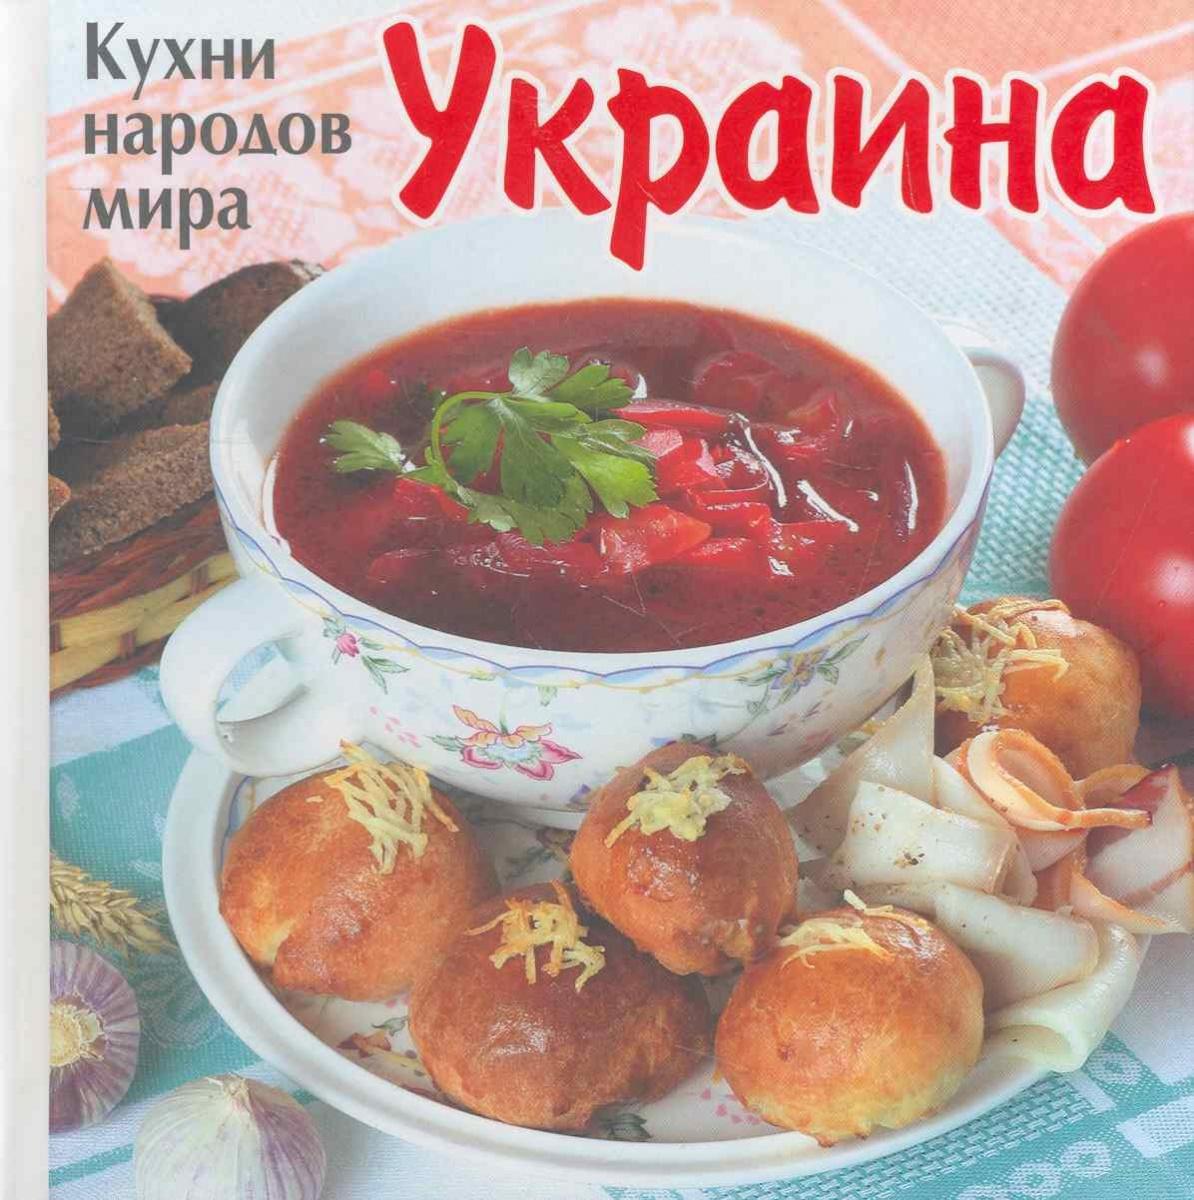 Кухни народов мира Украина